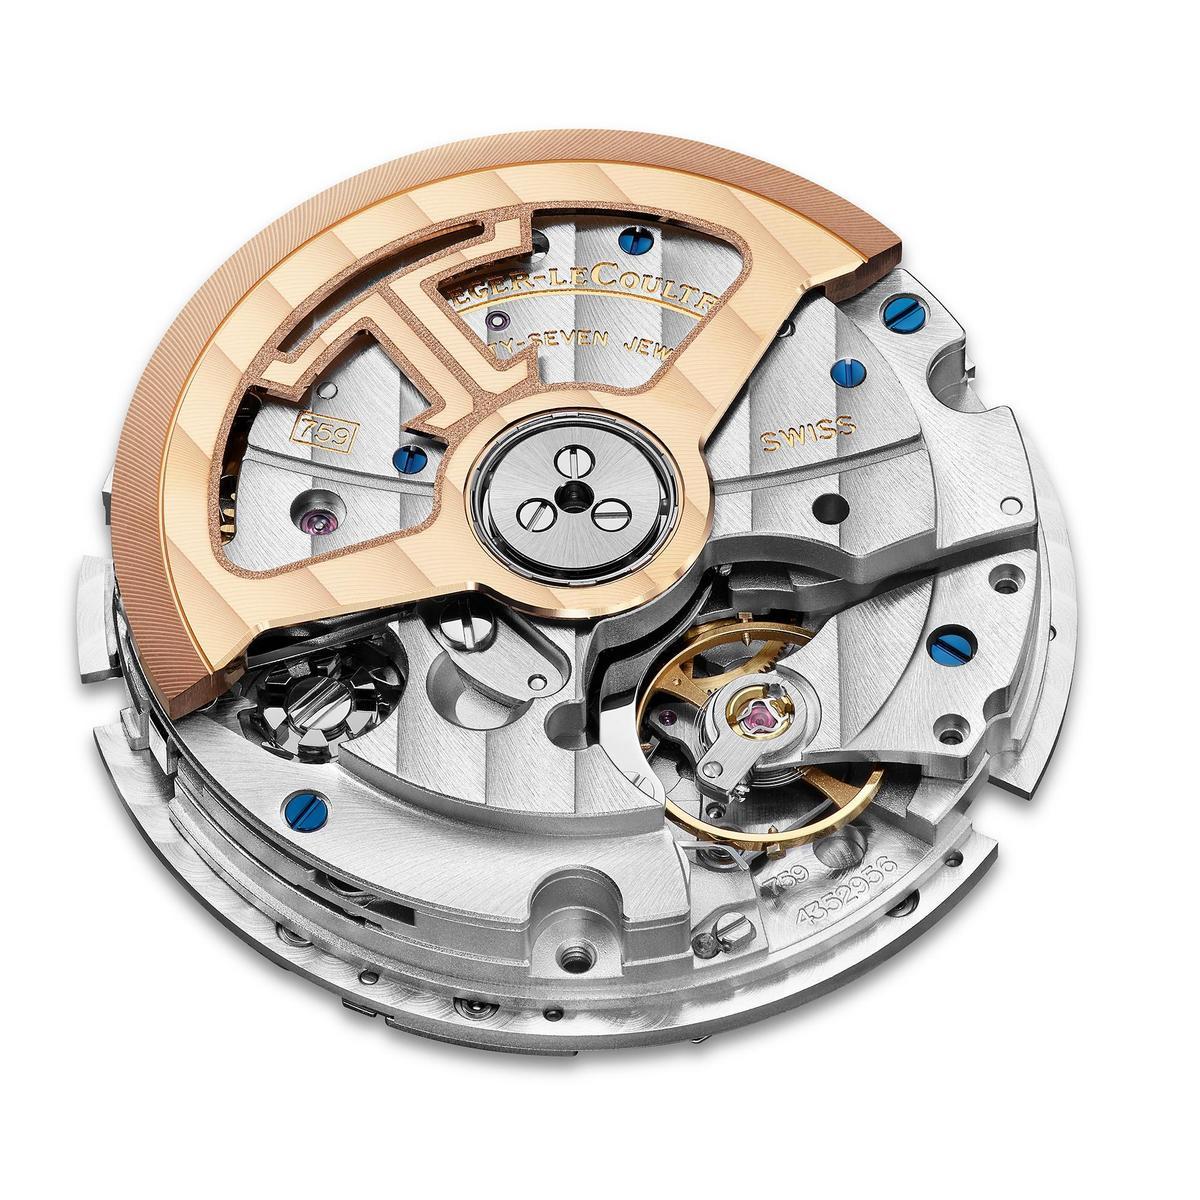 這是三針日期腕錶所裝載的新一代899型自動上鏈機芯,改換上矽材質擒縱裝置,動力儲存一舉提升至70小時。